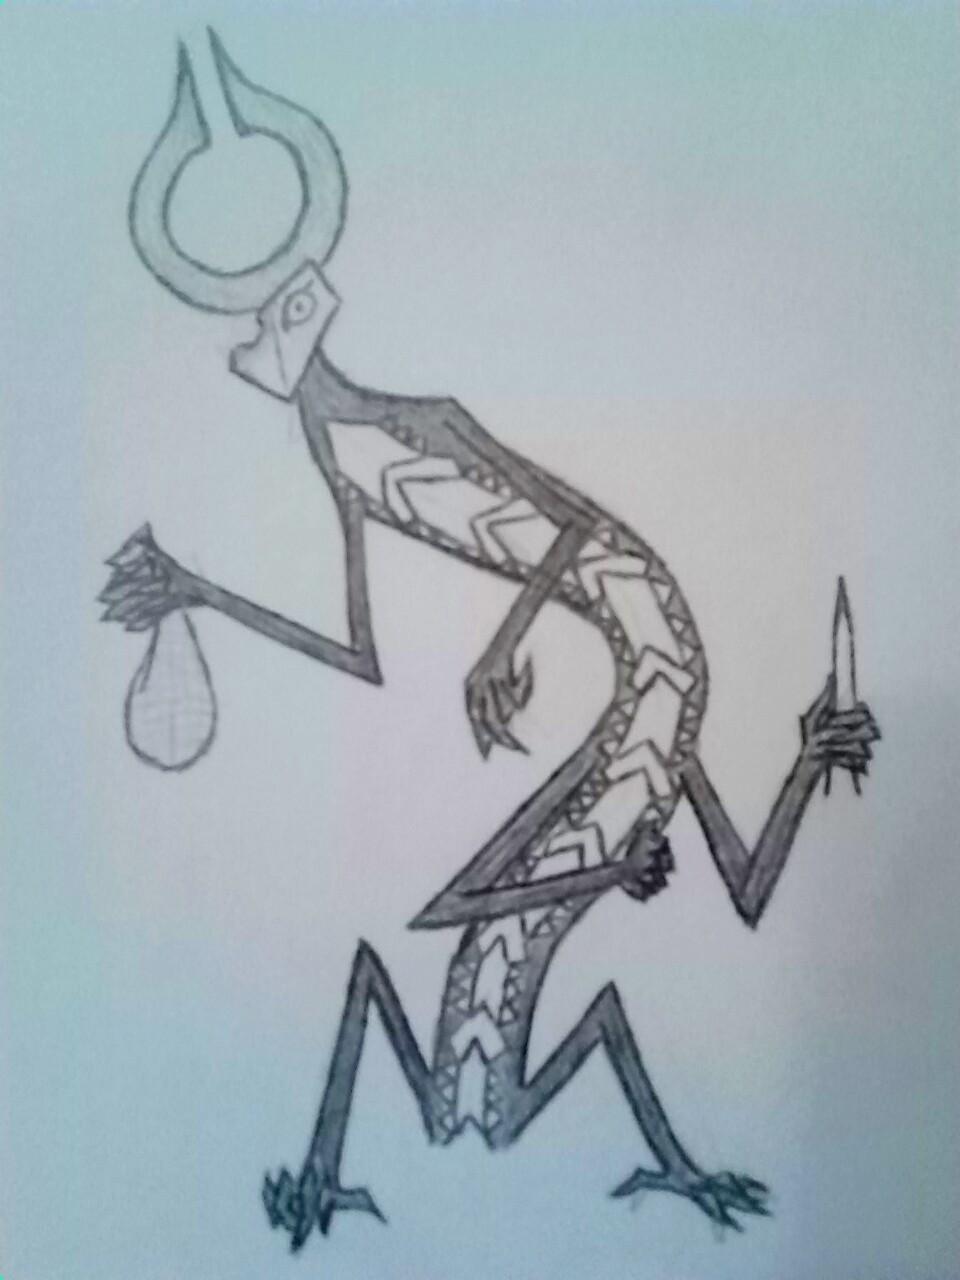 Harvester Sketch